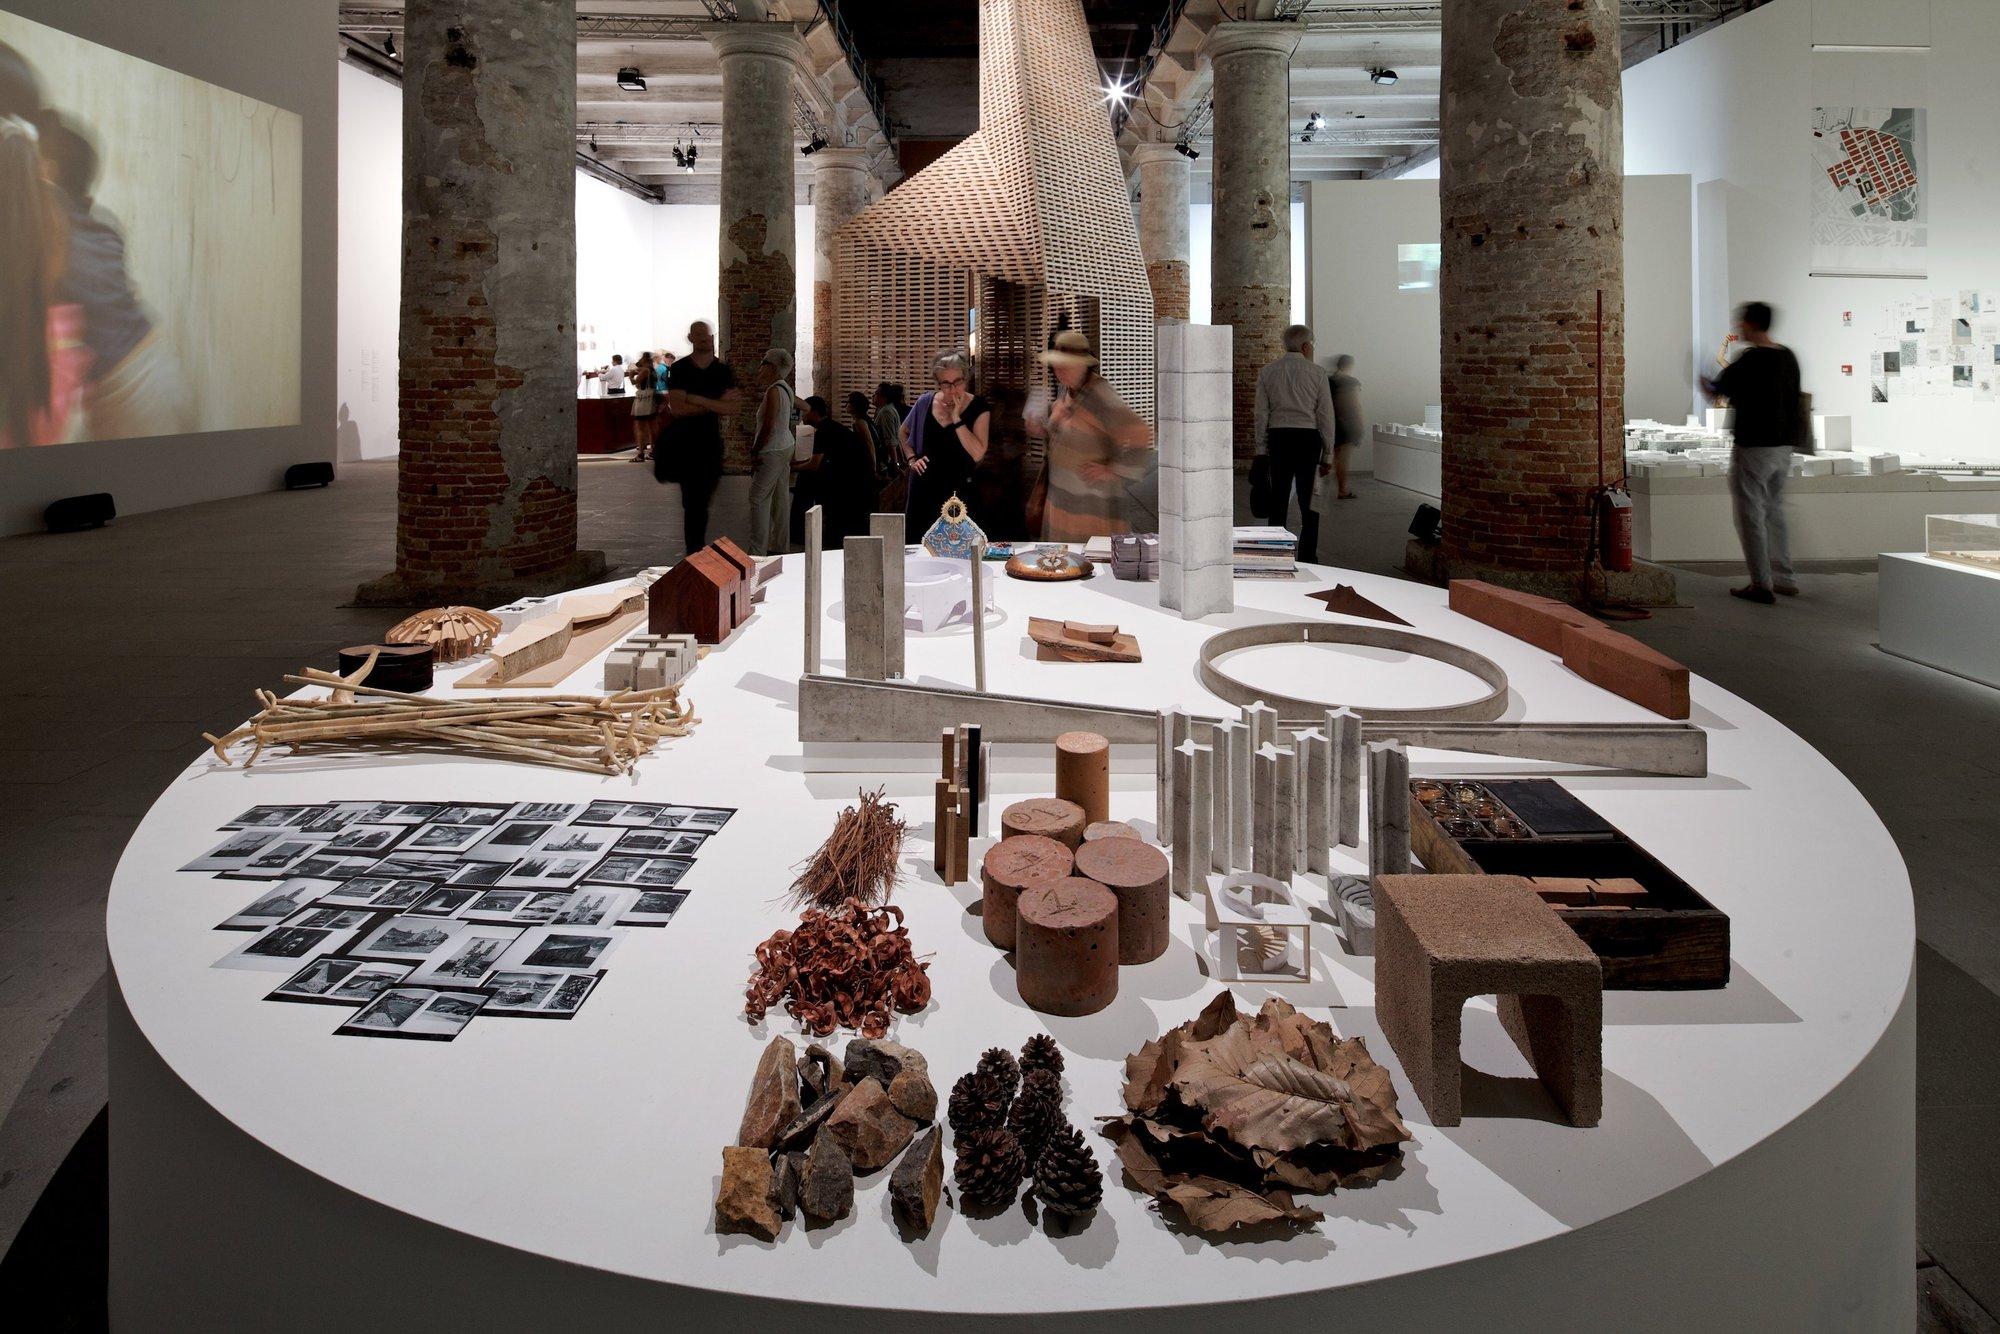 Венецианская биеннале: описание, особенности, история и интересные факты